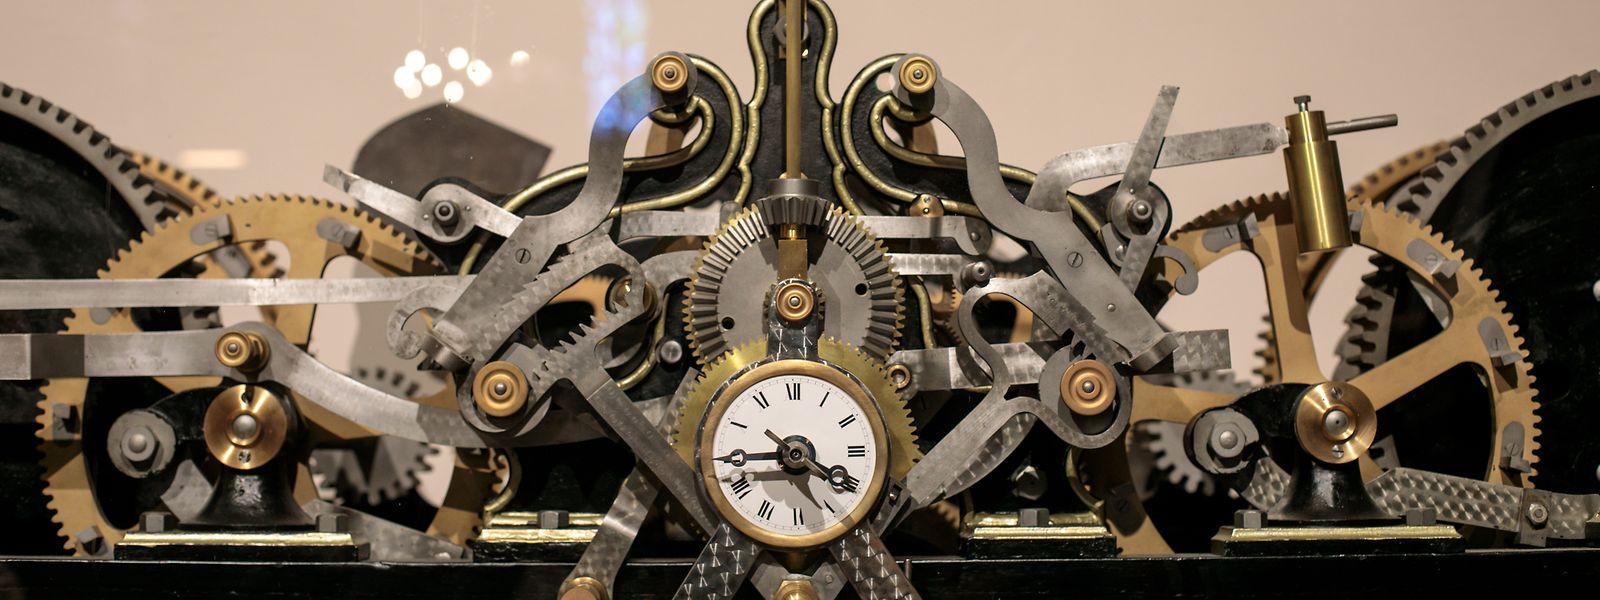 Ce superbe mécanisme horloger issu de l'église Saint-Michel, sur la place du Marché-aux-Poissons, a été présenté au public